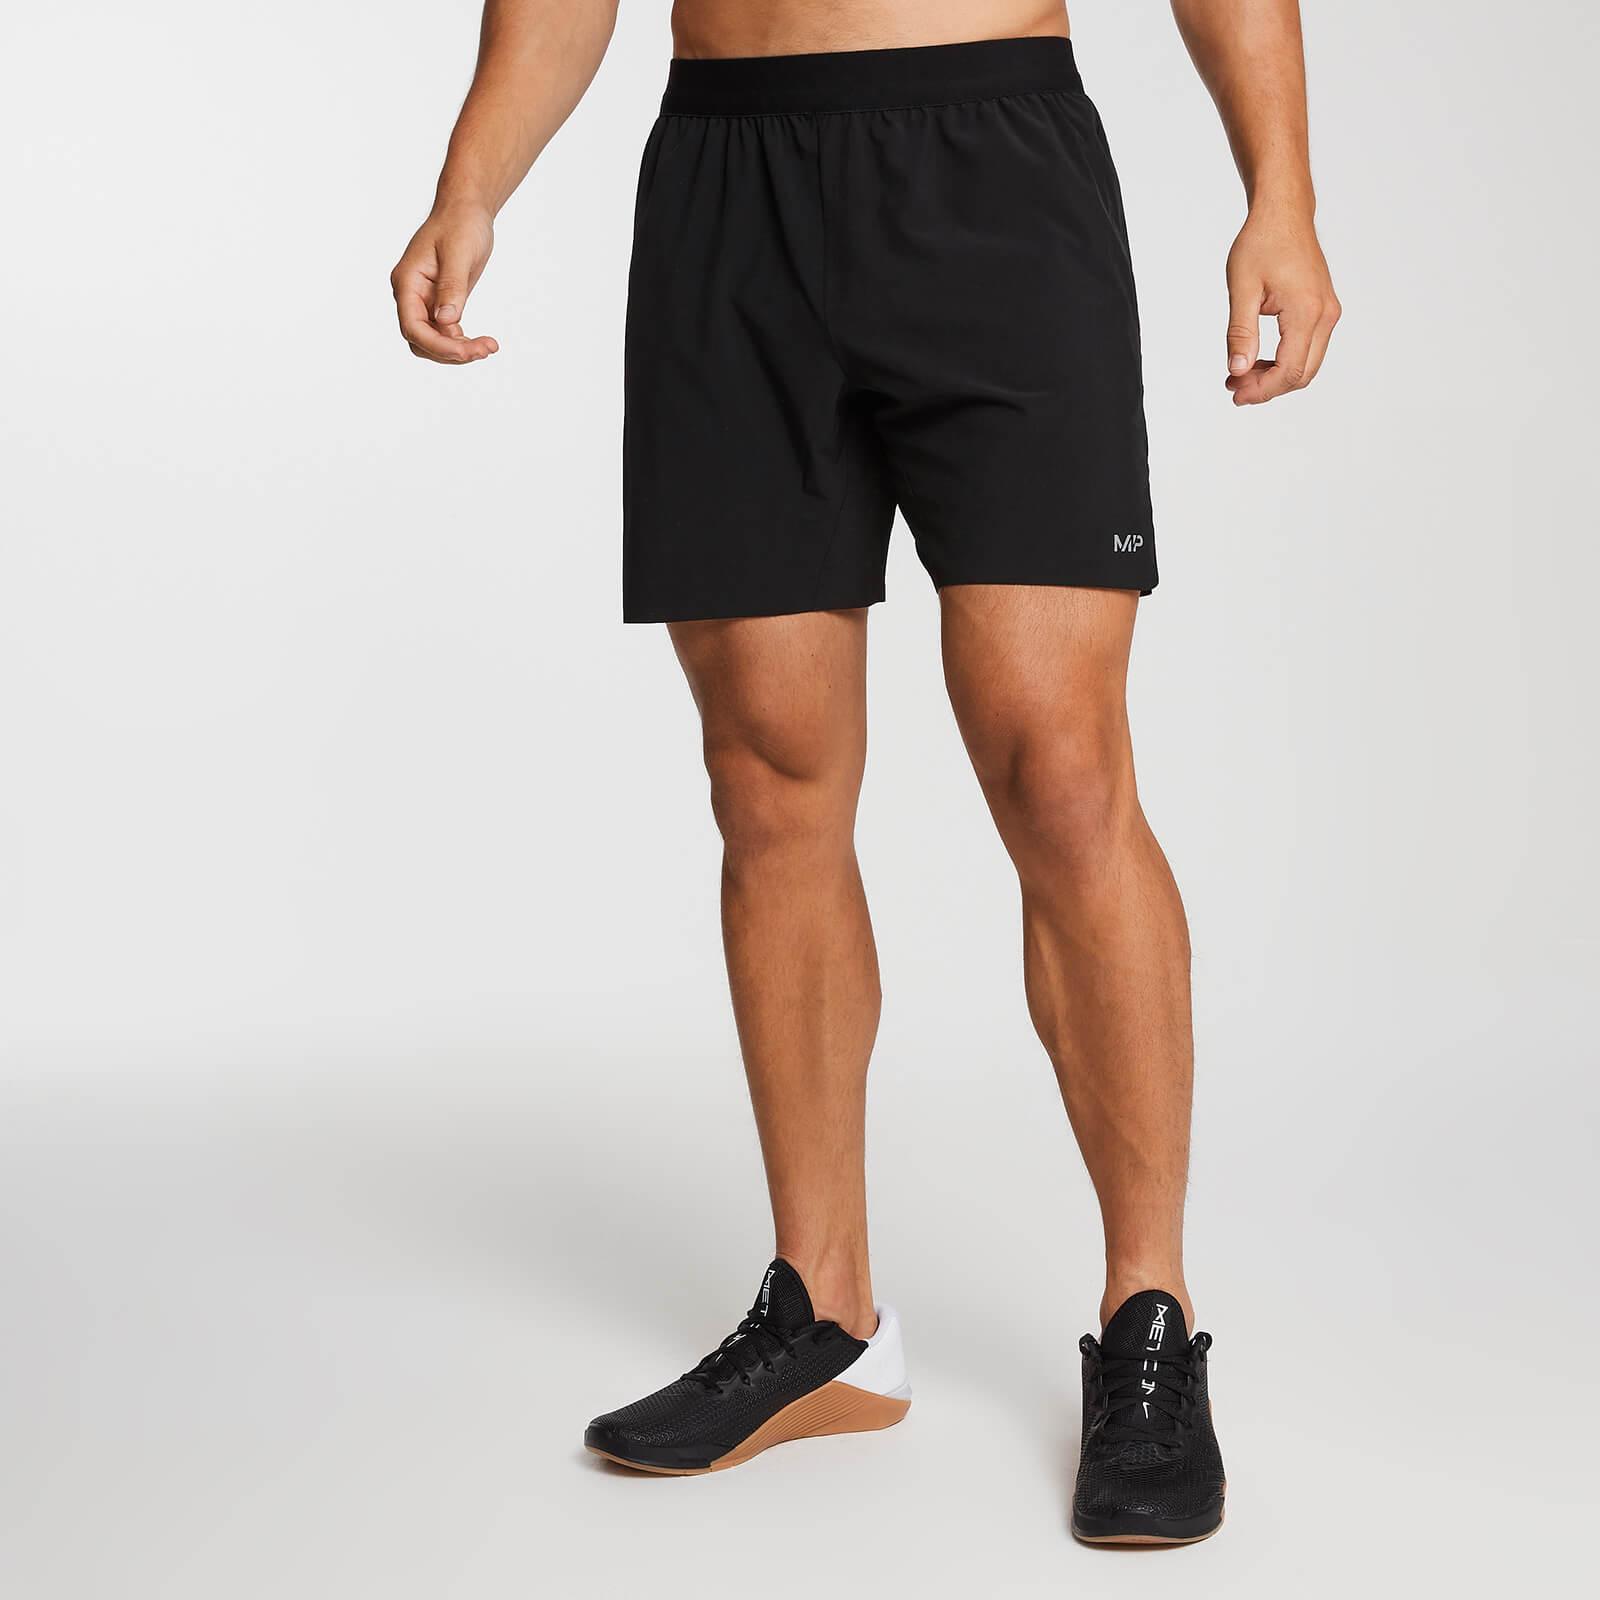 MP Essentials Training Shorts - Sort - L